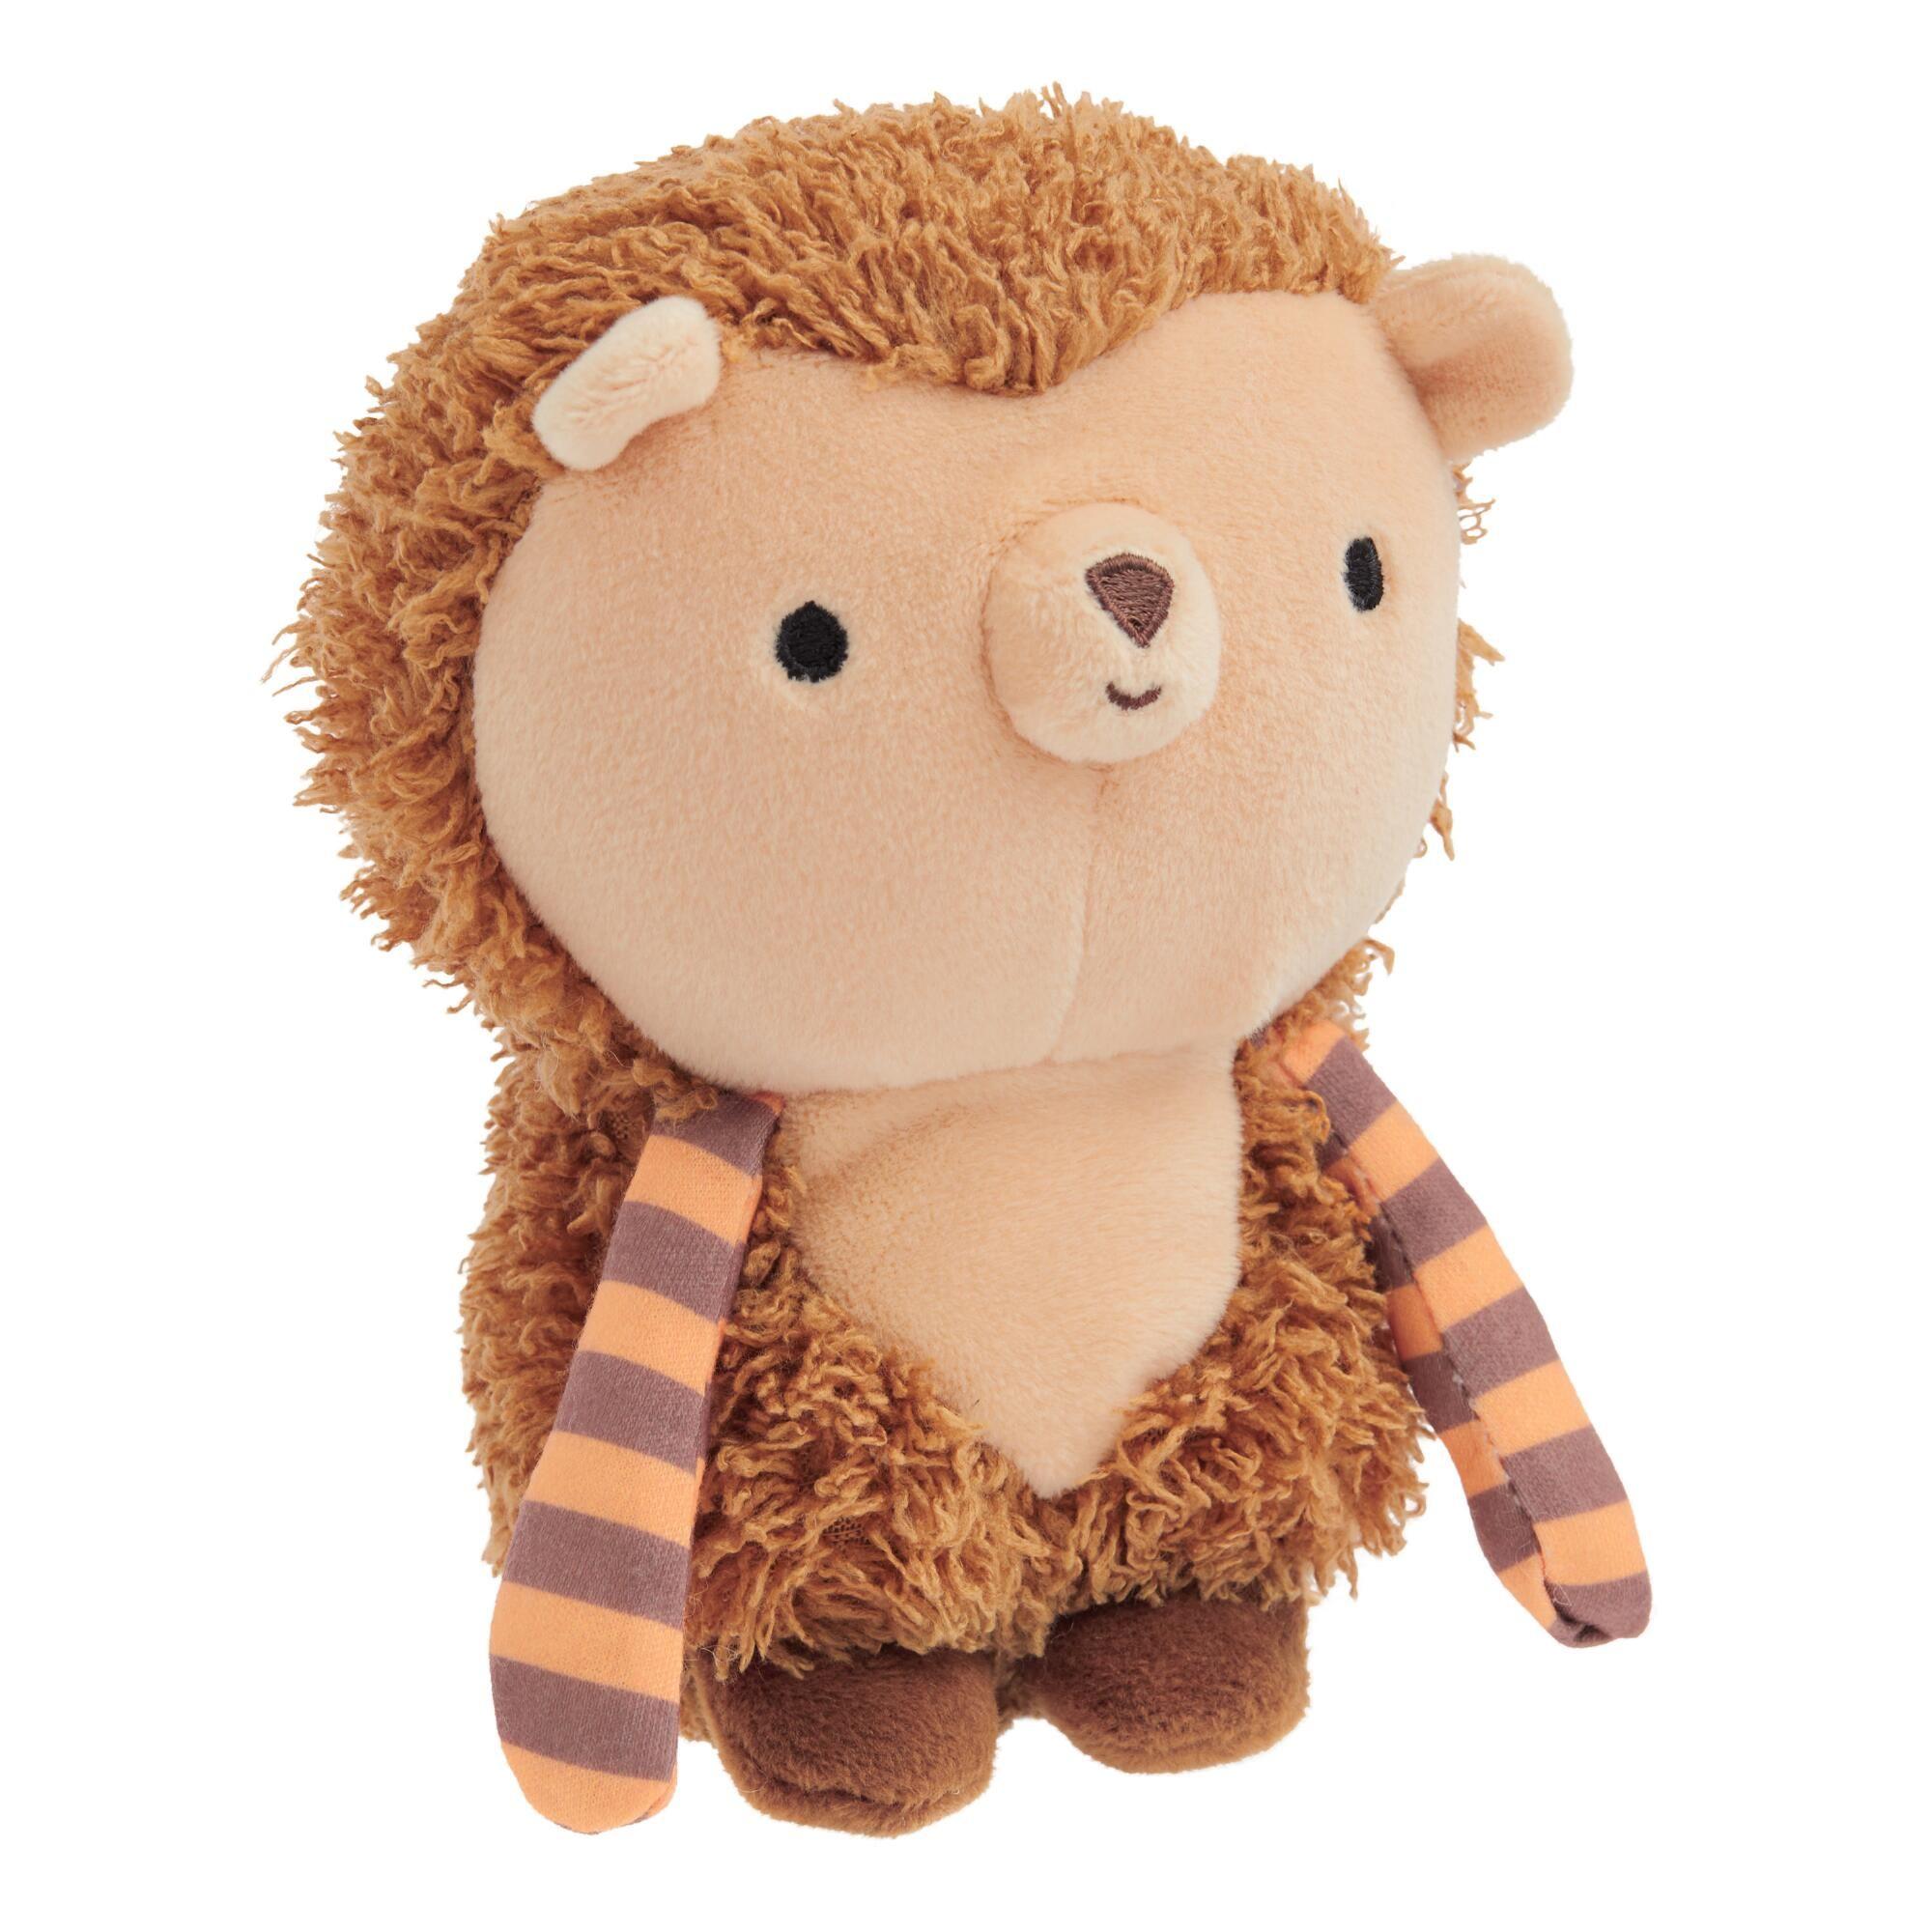 World Market Critters Mini Stuffed Plush Hedgehog By World Market Plush Stuffed Animals Kids Plush Toys Plush [ 2000 x 2000 Pixel ]